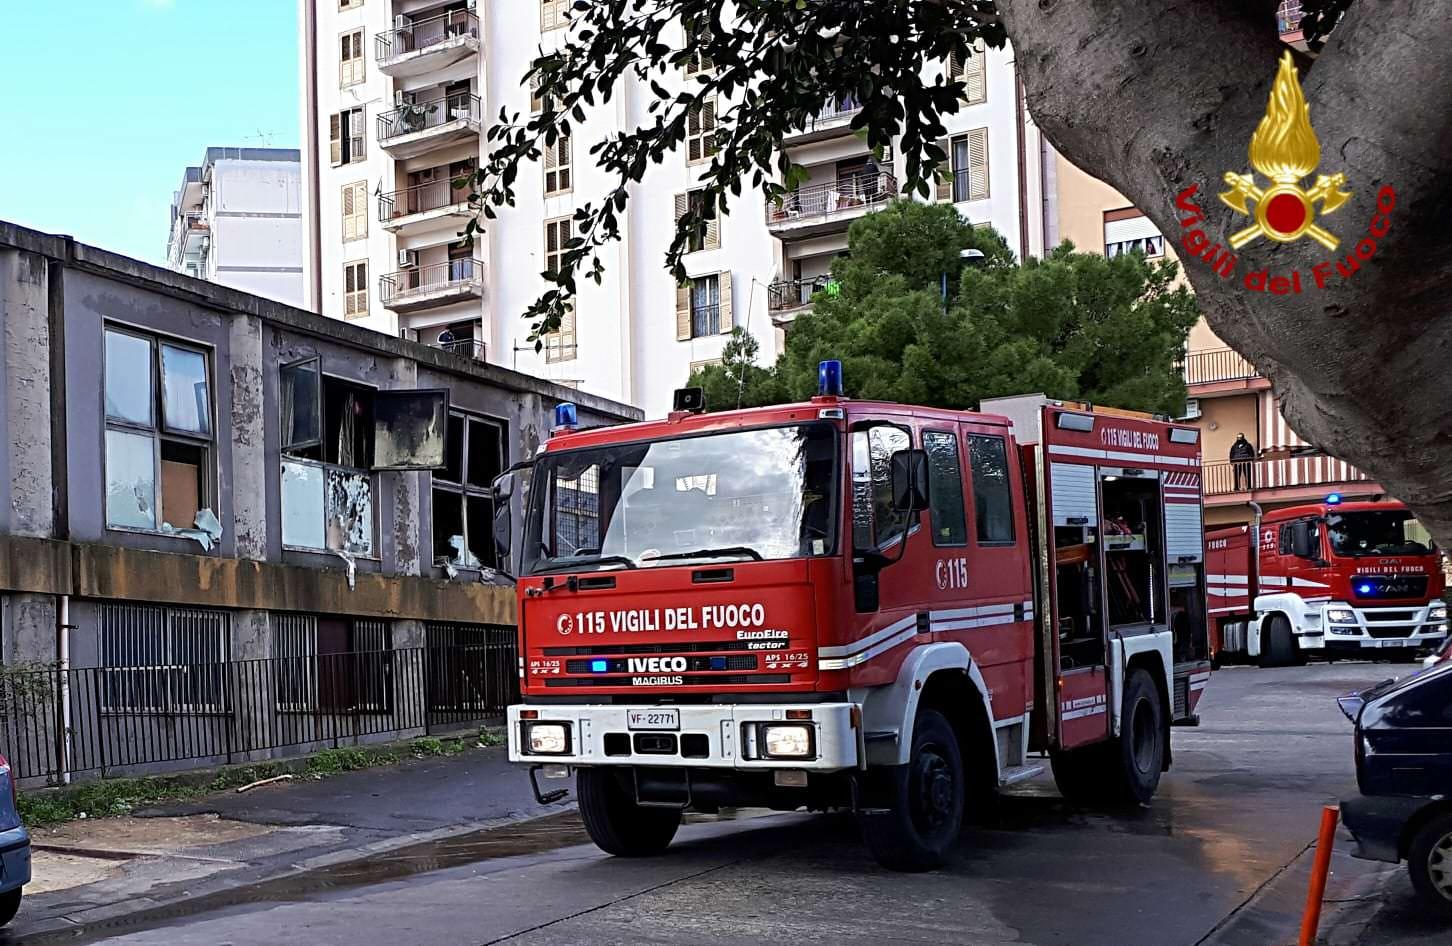 Appartamento in fiamme in viale Bummacaro, ecco le immagini dello spegnimento – FOTO e VIDEO